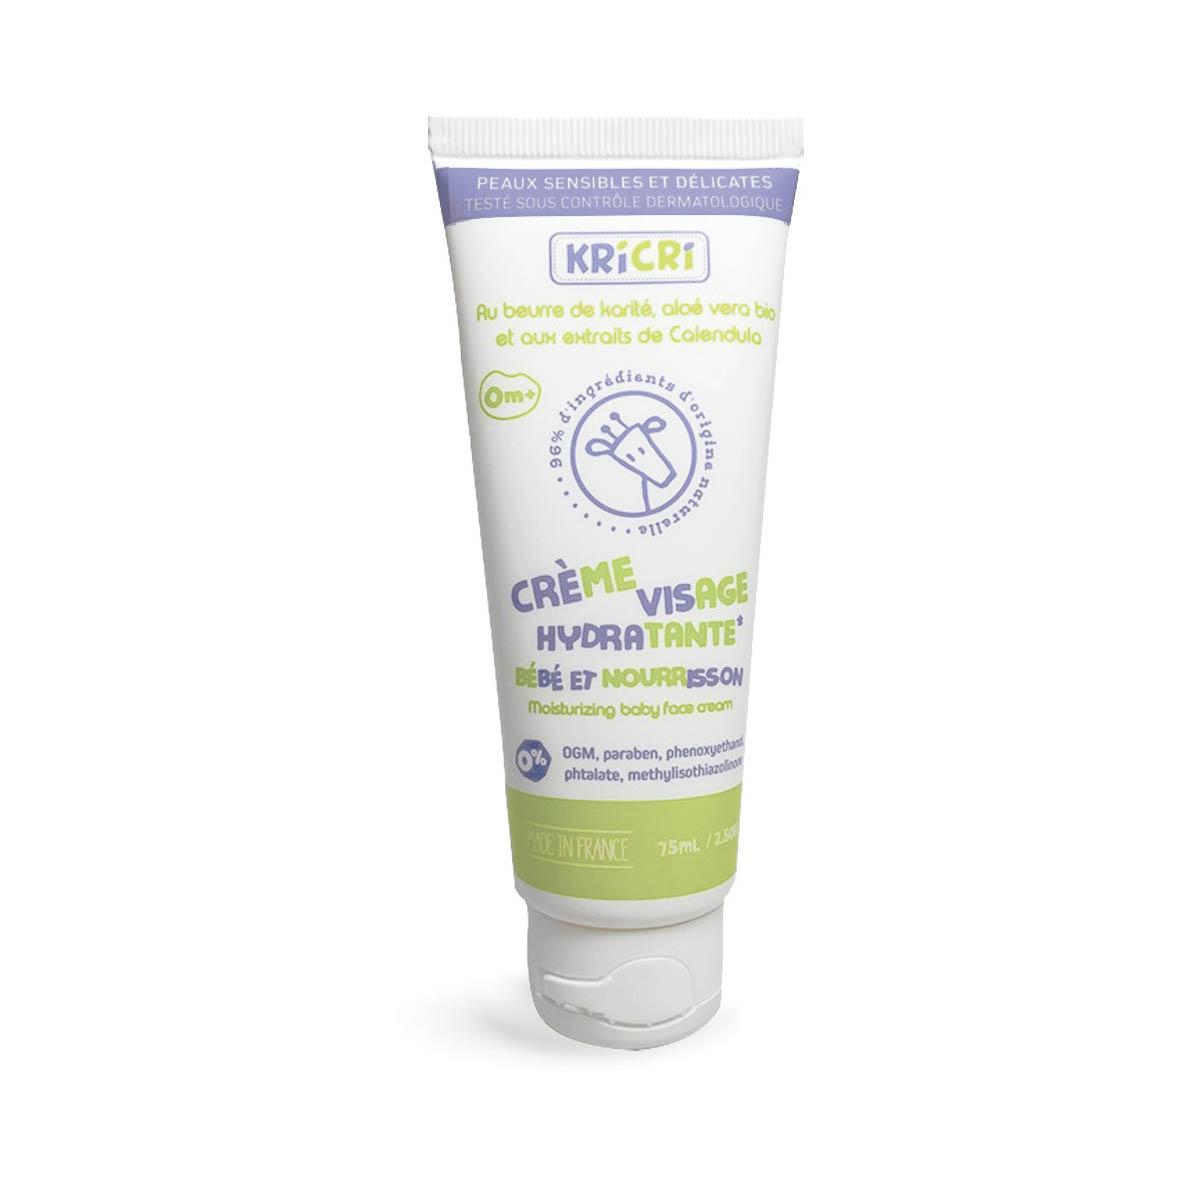 Crème visage hydratante bébé et nourrisson 75 ml